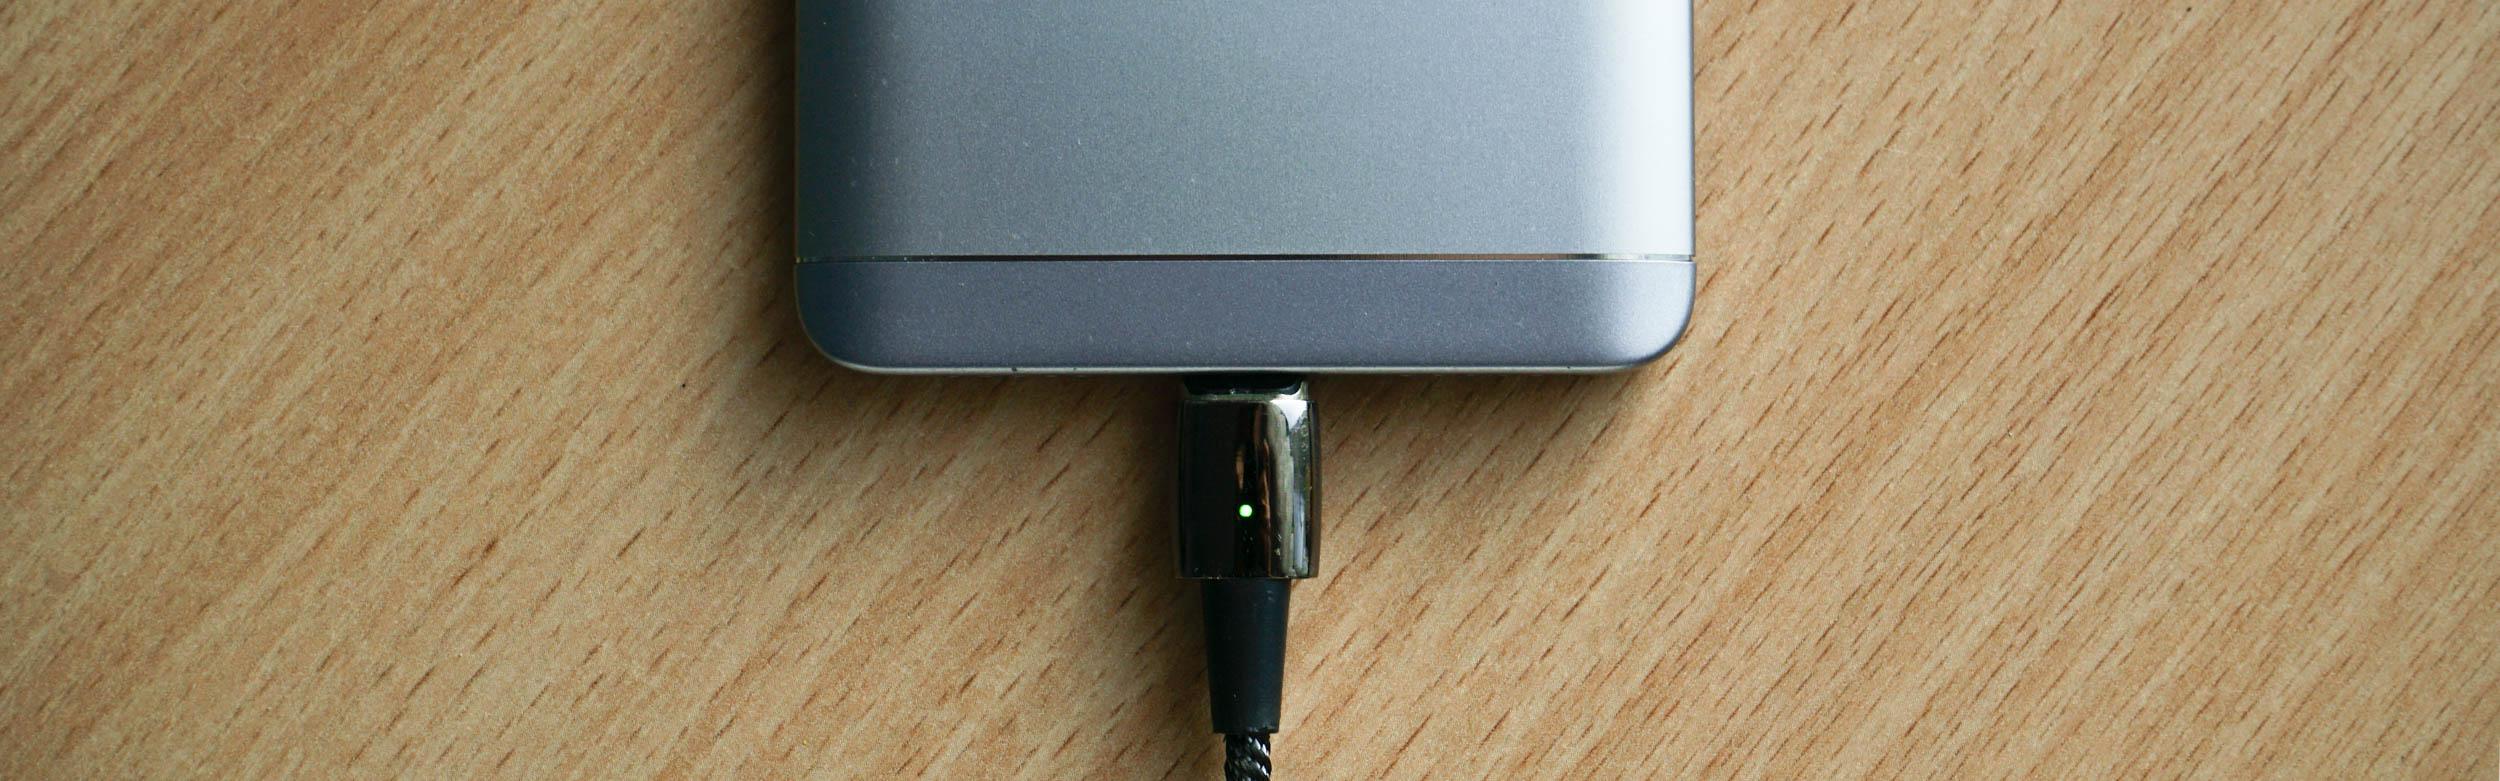 Chińska innowacja - test kabla magnetycznego Wsken X1 PRO